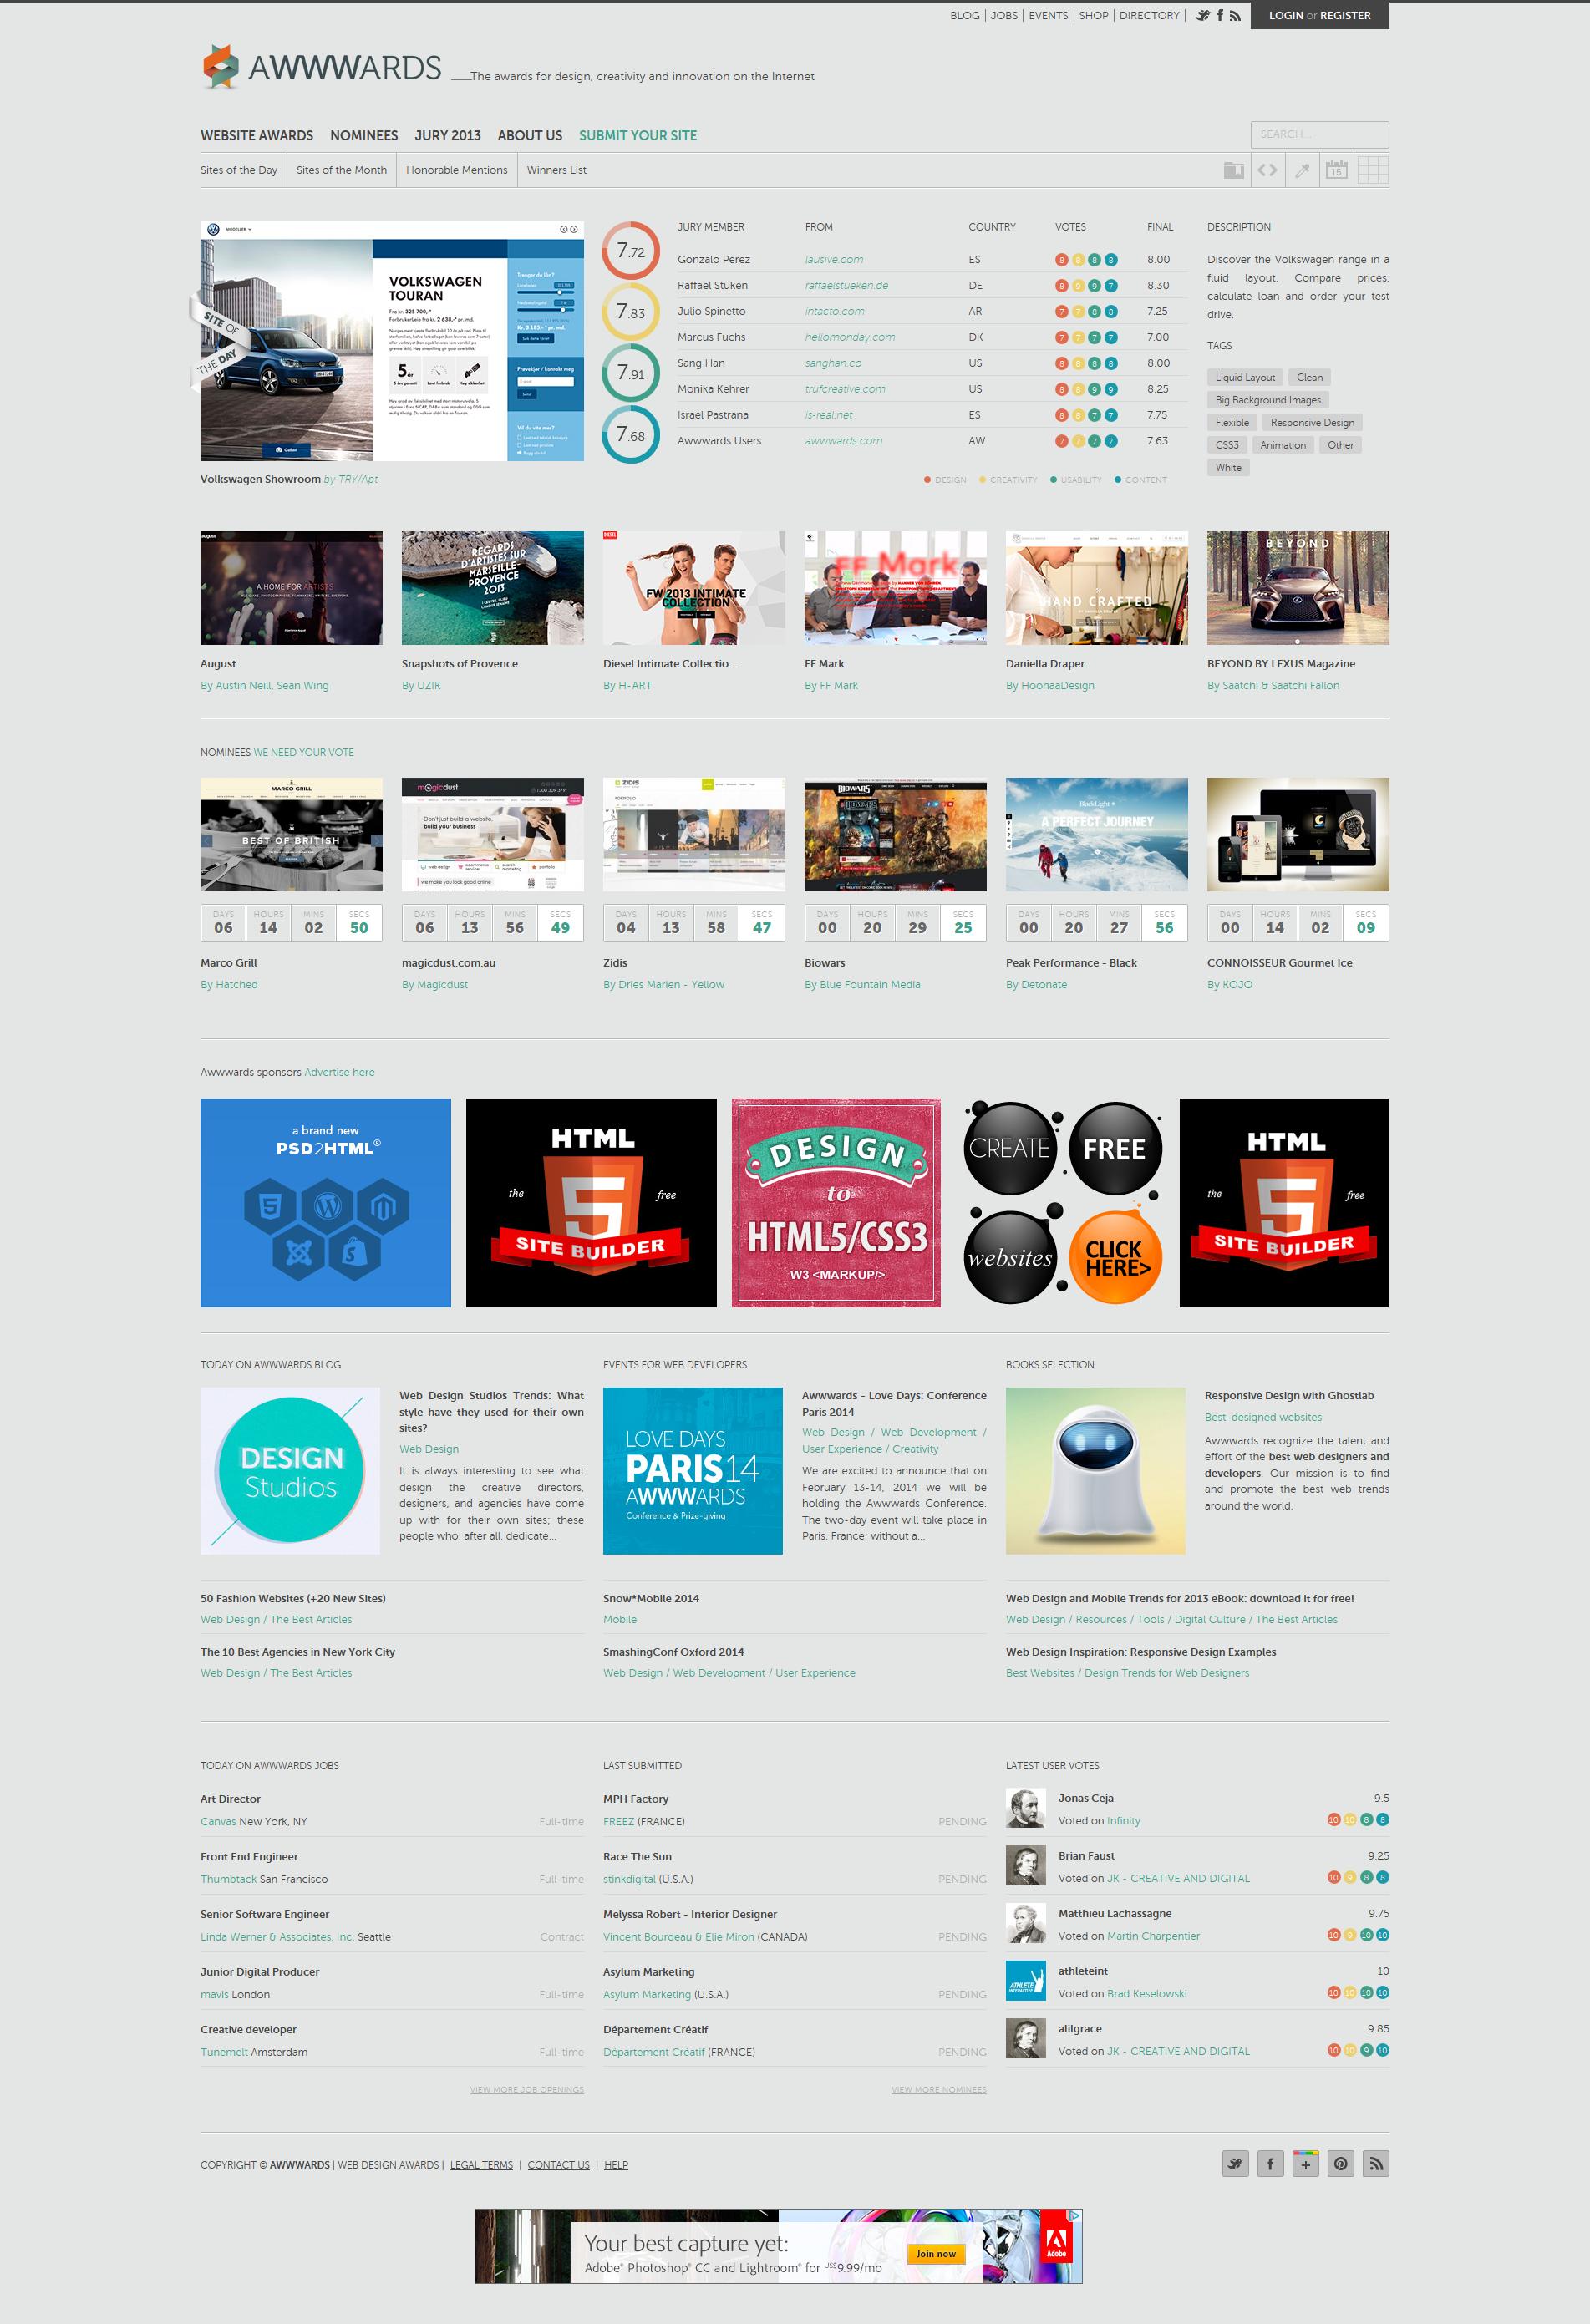 Awwwards Responsive Web Design Awwwards Com Web Design Responsive Web Design Responsive Design Examples